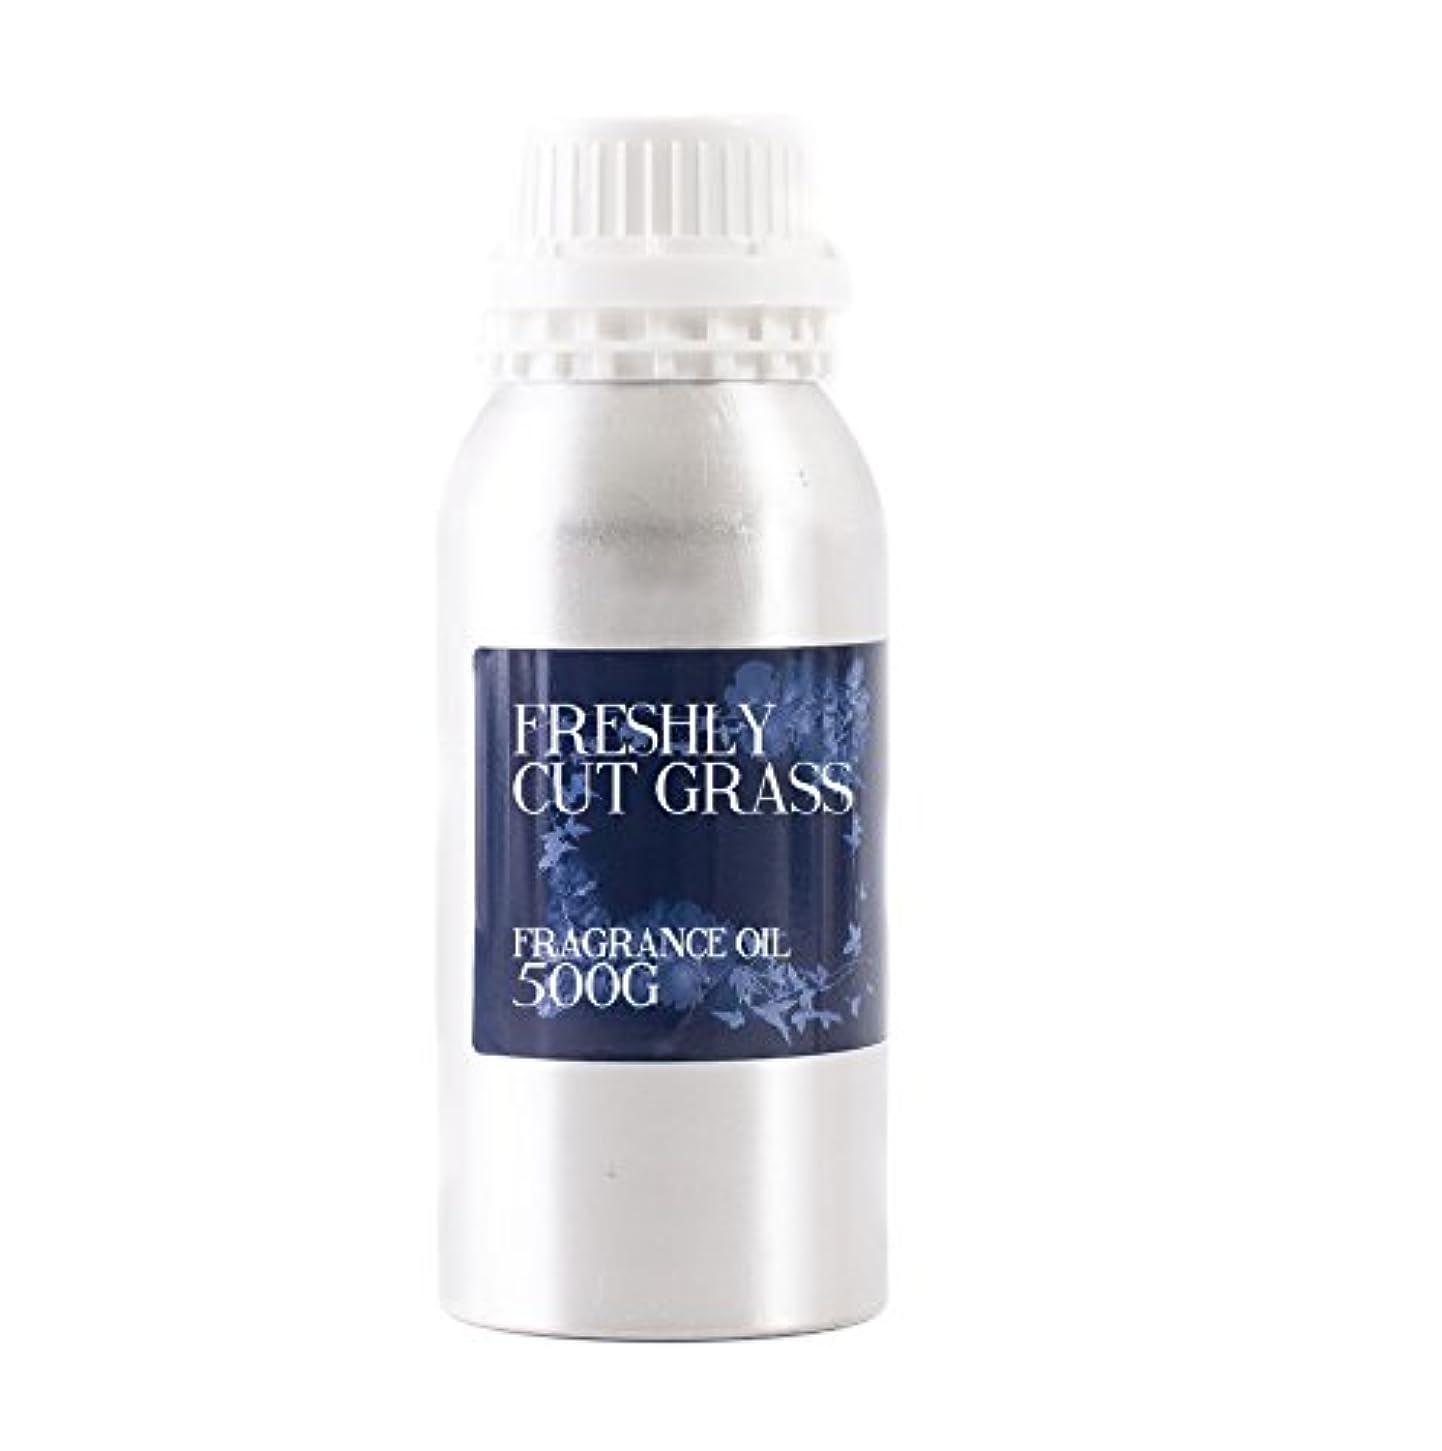 心理学倉庫荒廃するMystic Moments | Freshly Cut Grass Fragrance Oil - 500g